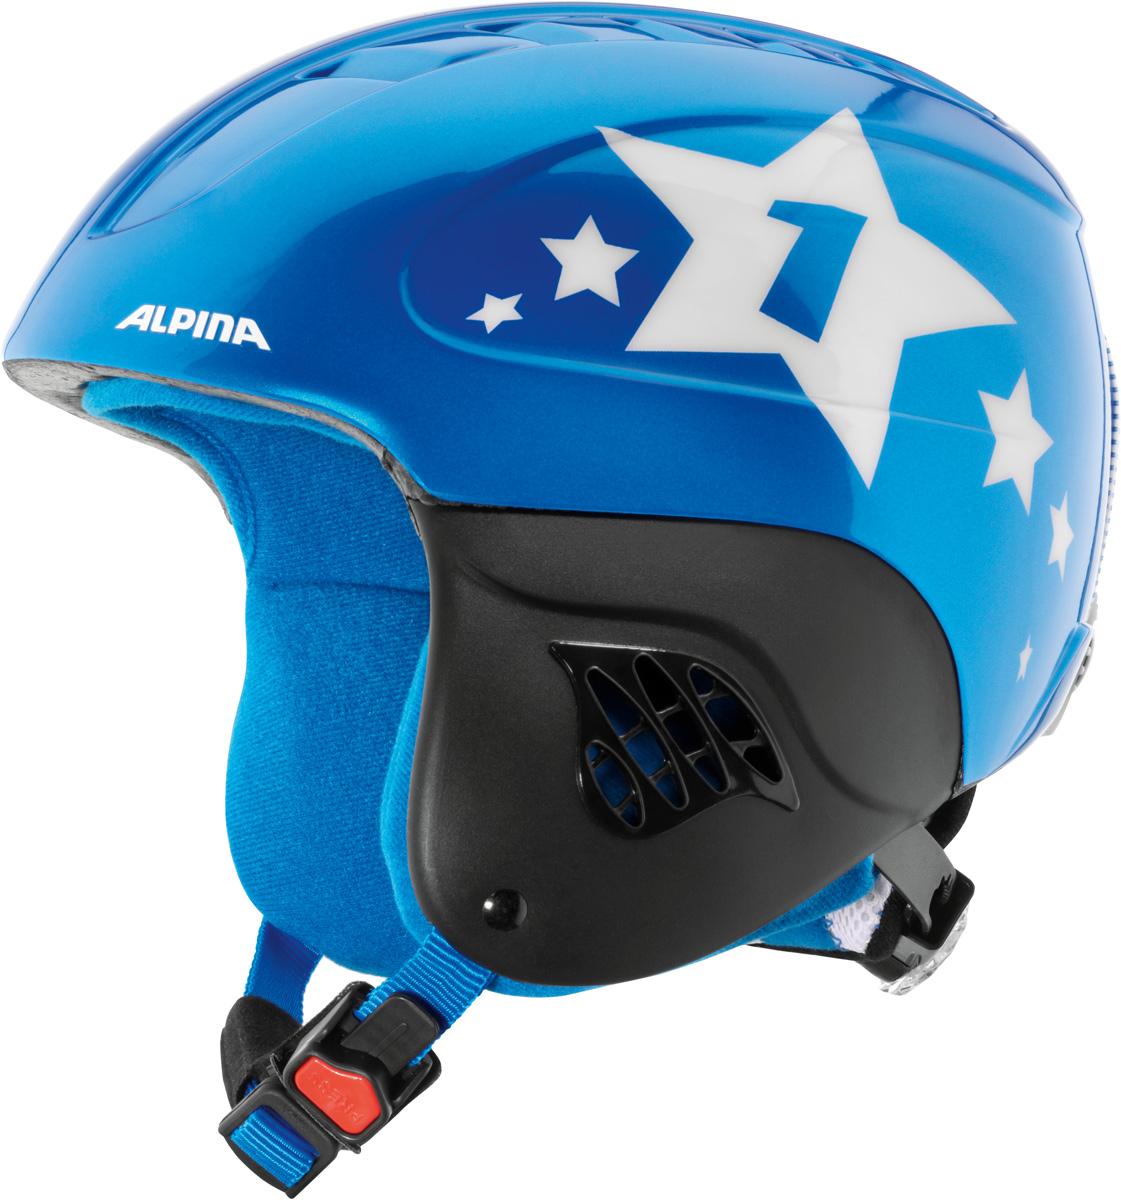 Шлем горнолыжный детский Alpina Carat, цвет: синий. A9035_80. Размер 48-52 бензопила alpina серия black a 4500 18